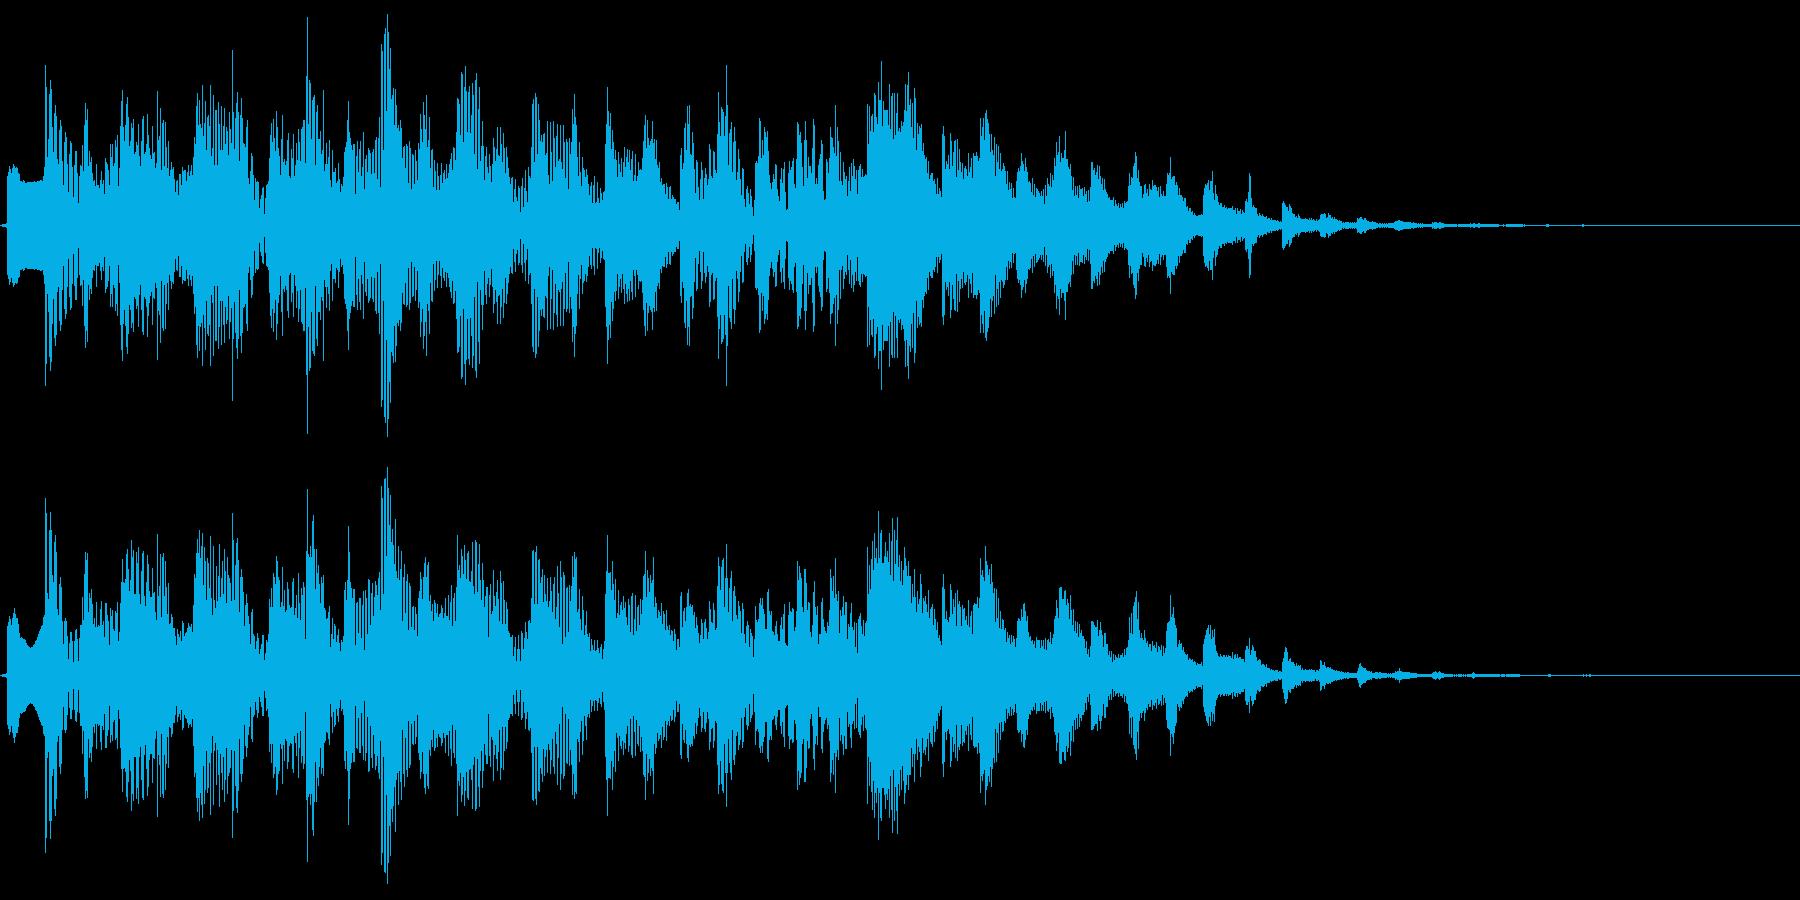 宇宙空間にいる様な近未来的サウンドロゴの再生済みの波形